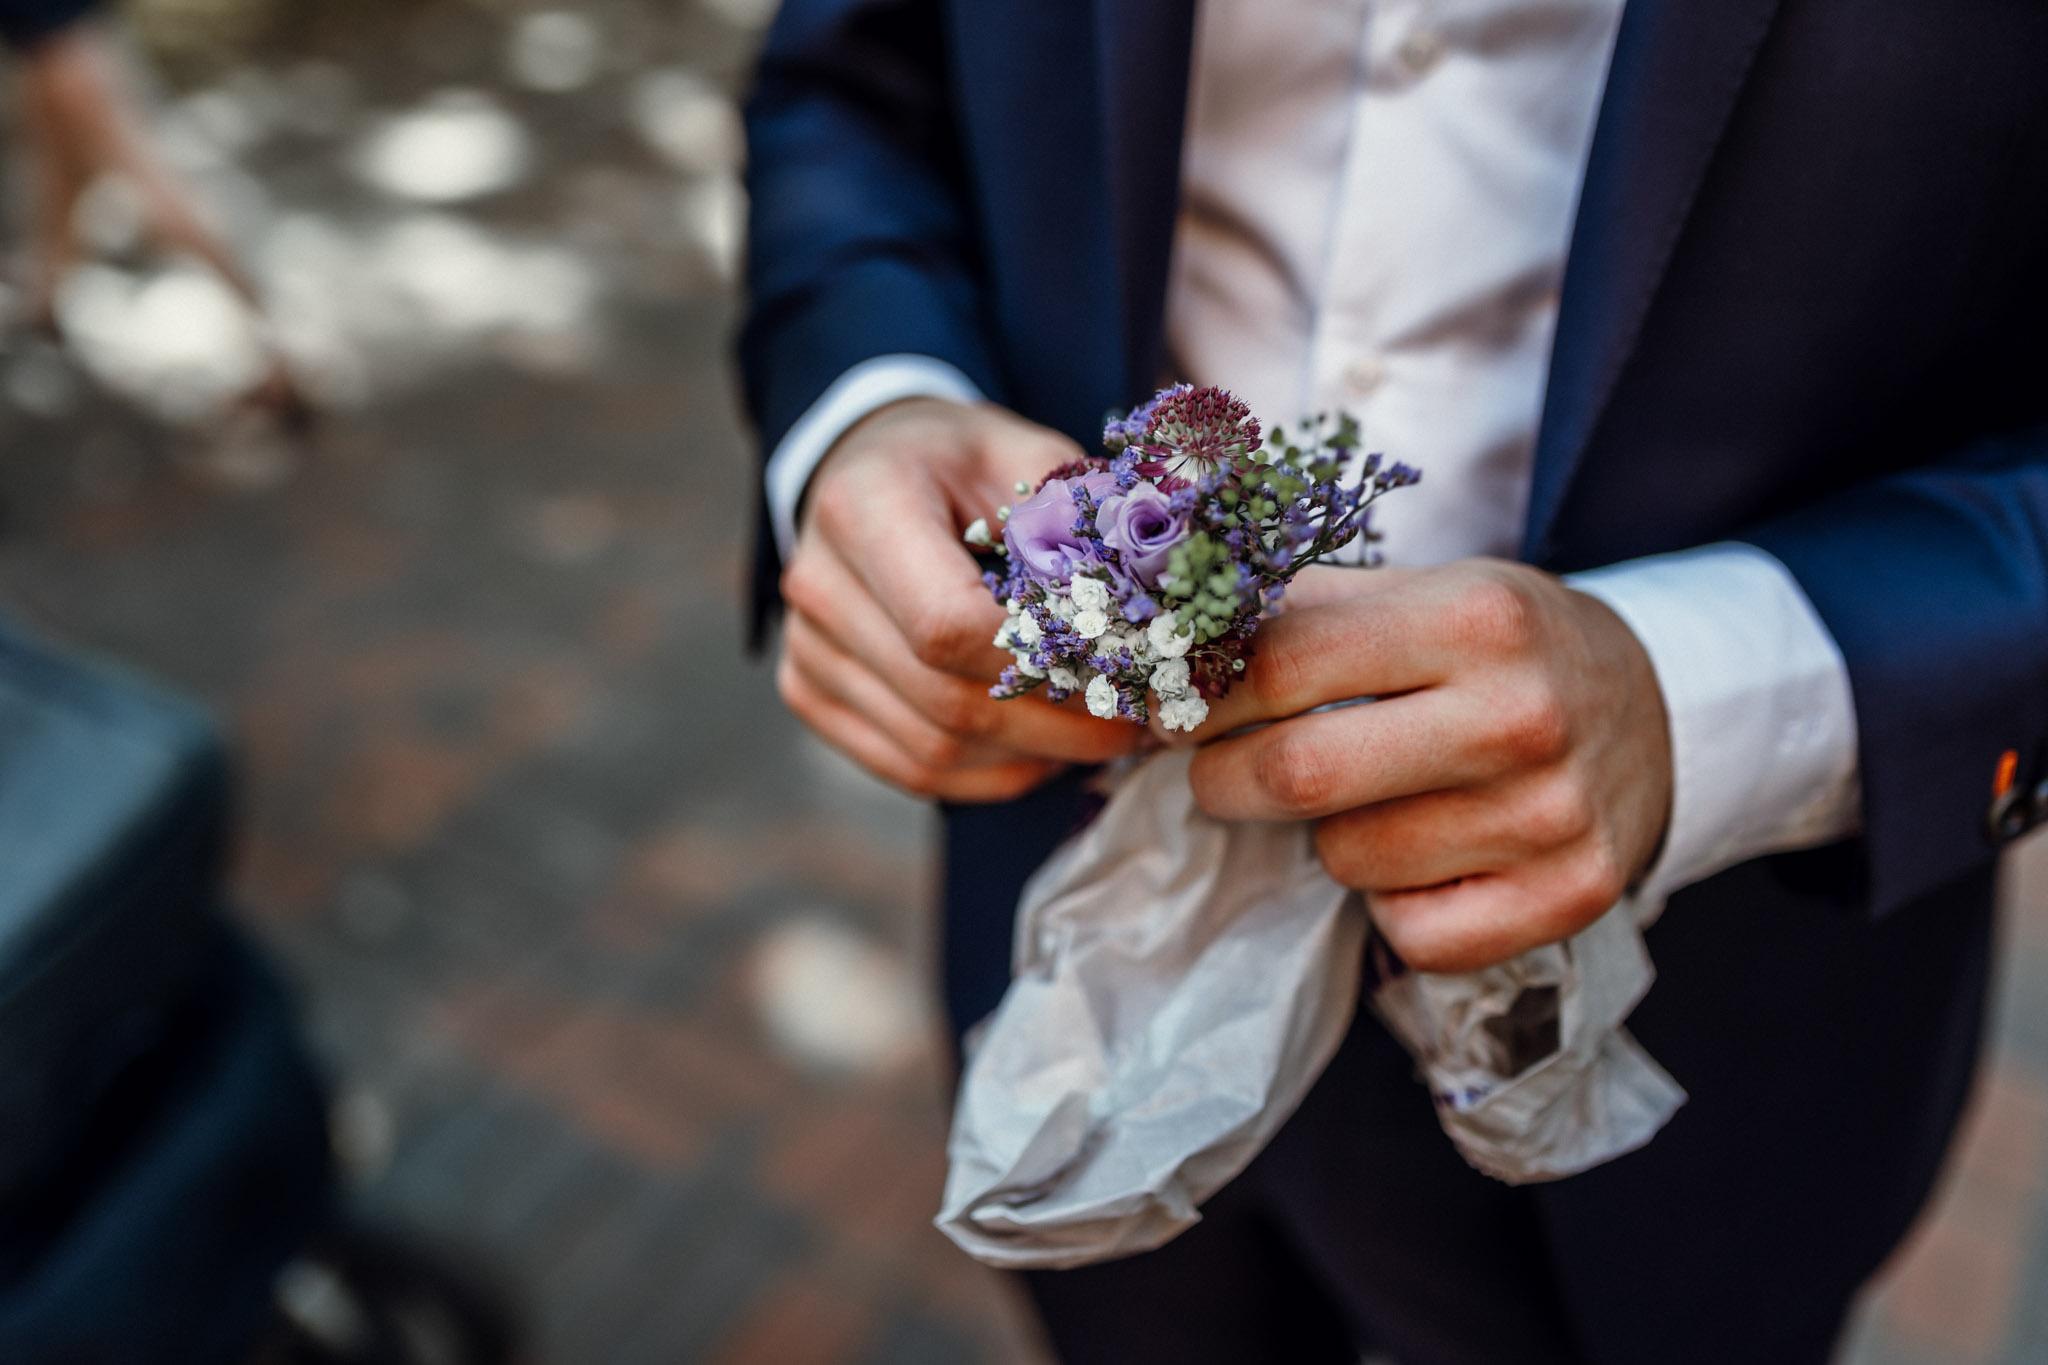 Sven Schomburg Hochzeitsfotografie, Hamburg, Mölln, Hochzeitsfieber by Photo-Schomburg, Hochzeitsreportage, Forsthaus Waldhusen, Braut, Bräutigam-15